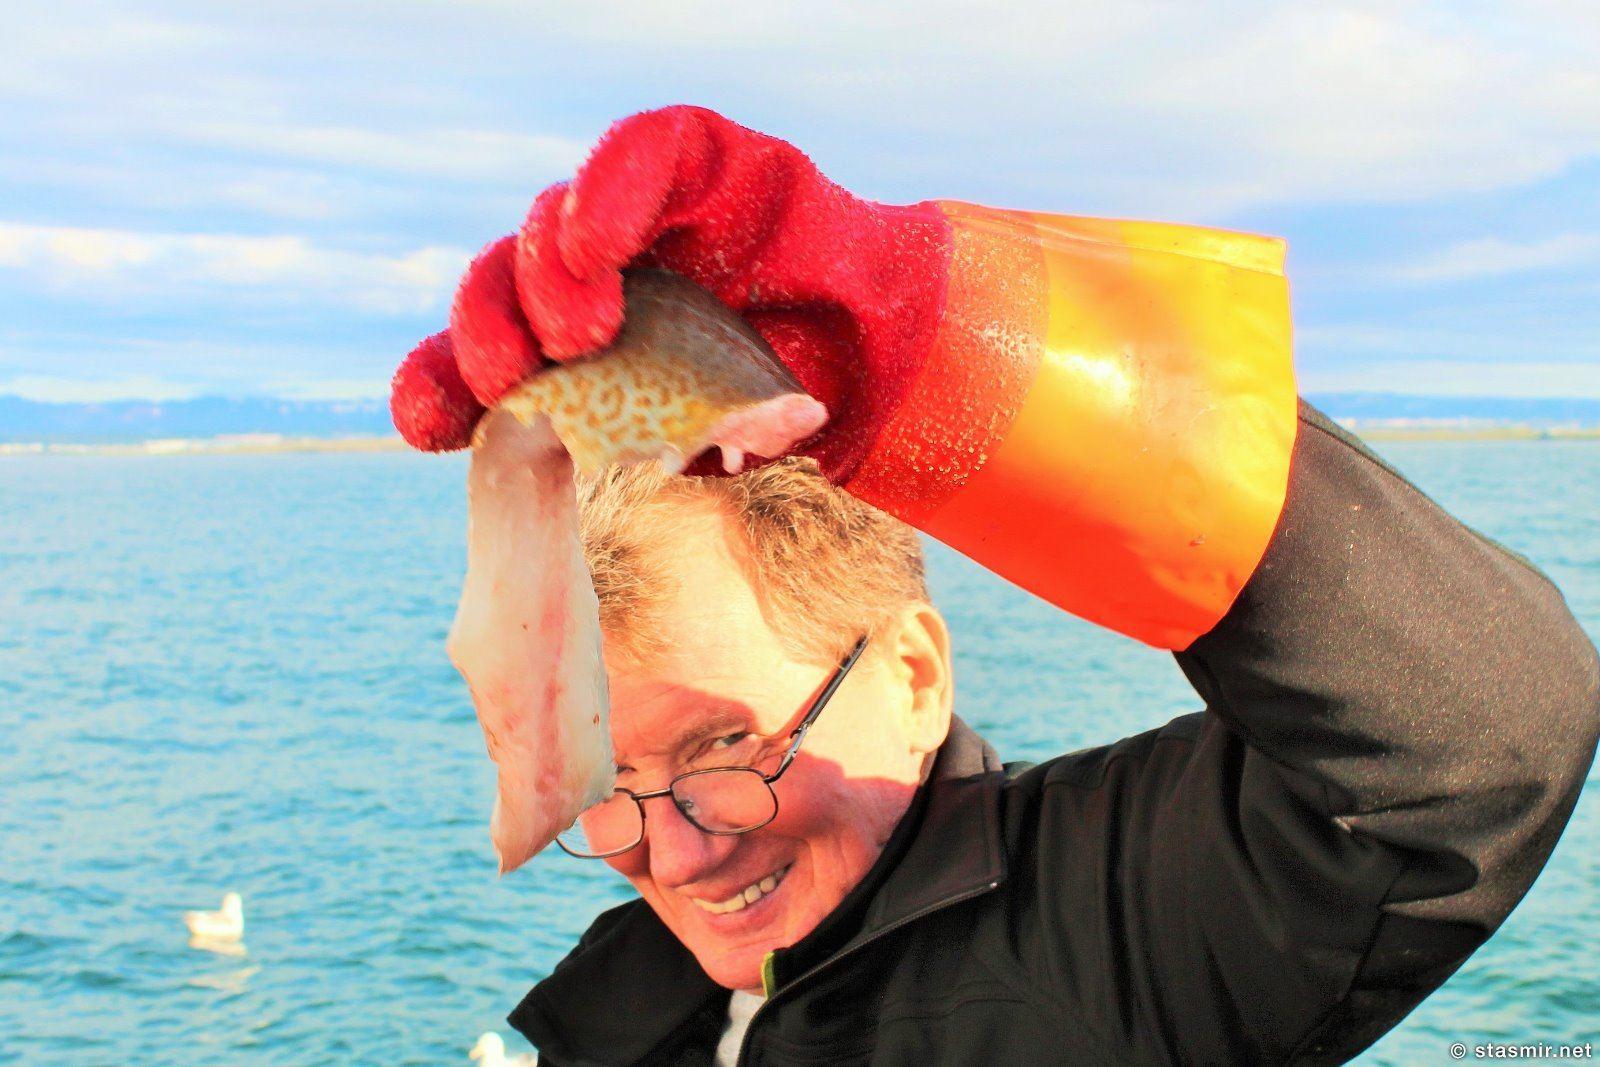 исландская треска, морская рыбалка из Рейкьявика, фото Стасмир, photo Stasmir